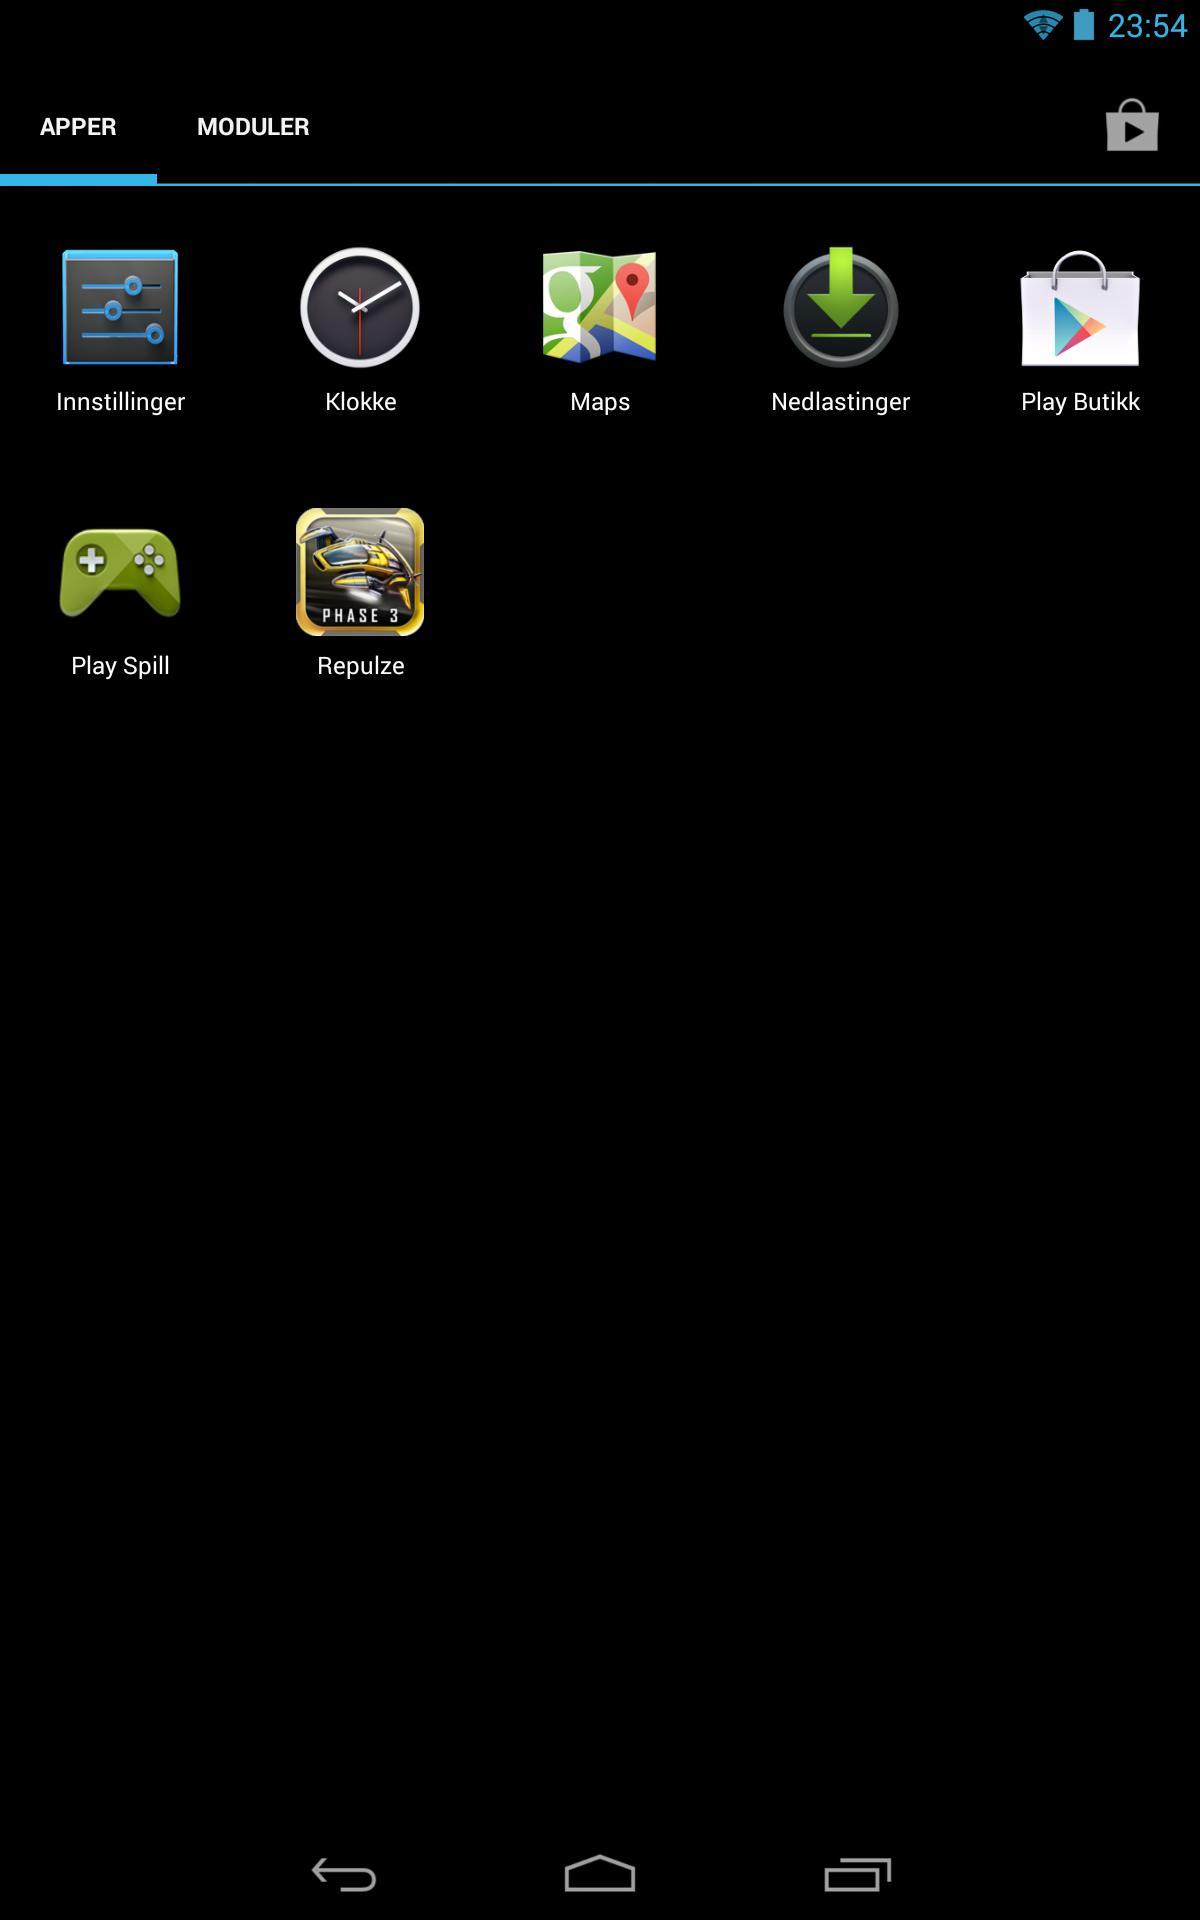 Etter at du har valgt et app-utvalg for den begrensede kontoen, ser app-menyen slik ut.Foto: Finn Jarle Kvalheim, Amobil.no